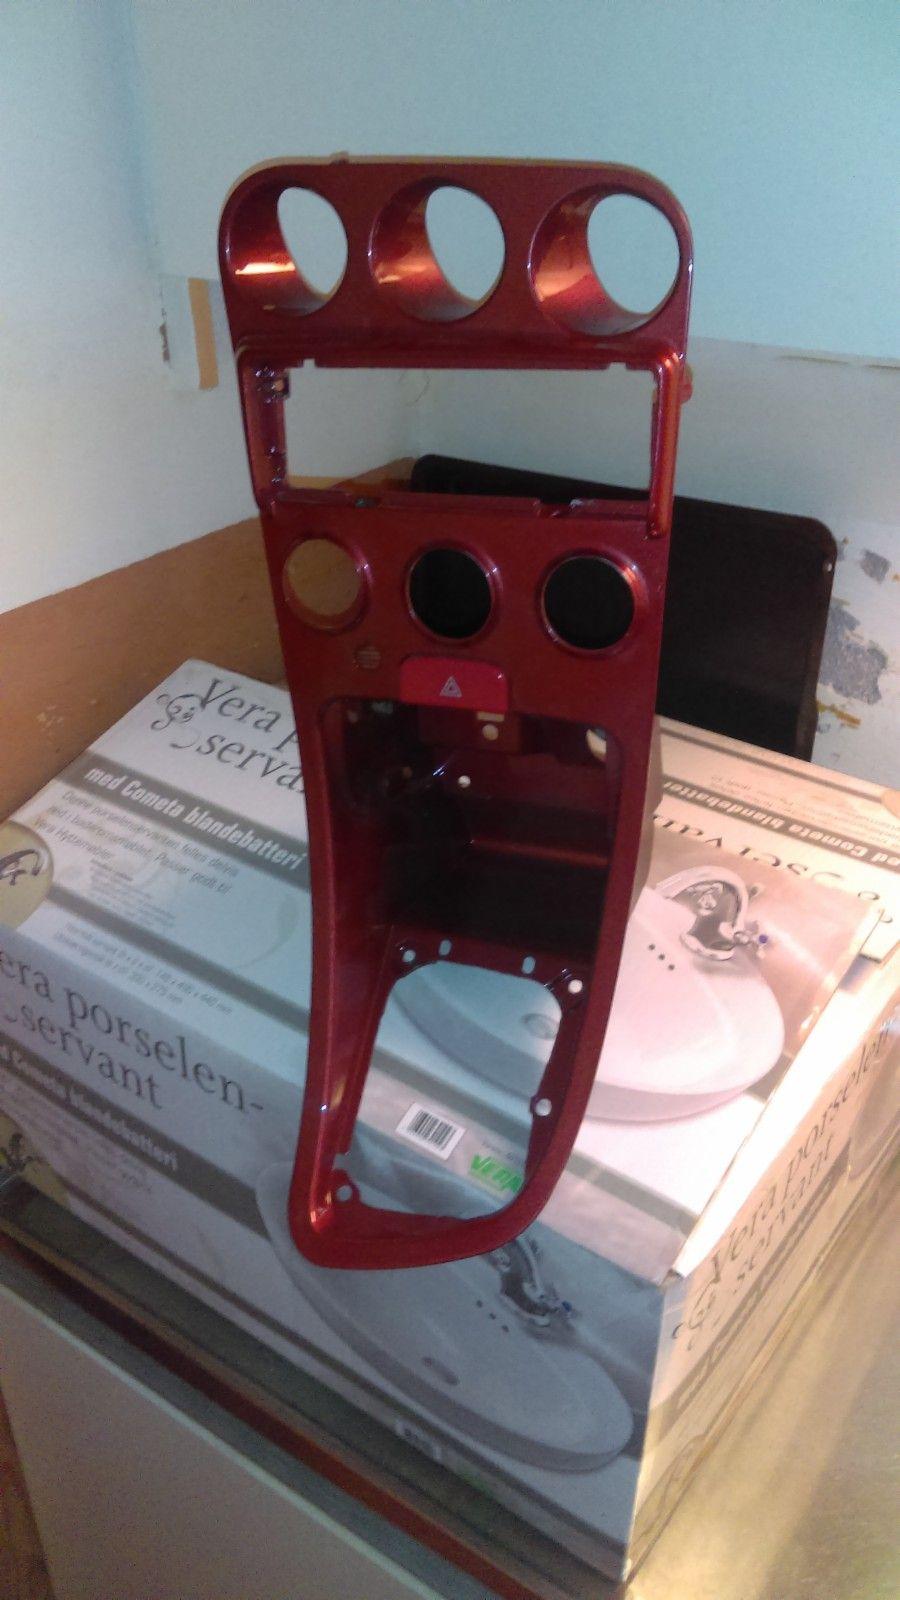 Konsoll til Alfa Romeo 156 første generasjon. - Roa  - Hei,selger en konsoll til Alfa Romeo 156. Lakkert i fargekode: Rosso Proteo. Selges kr. 250,- eller bud. Tlf. 95156957. Mvh. Lars Erik. - Roa